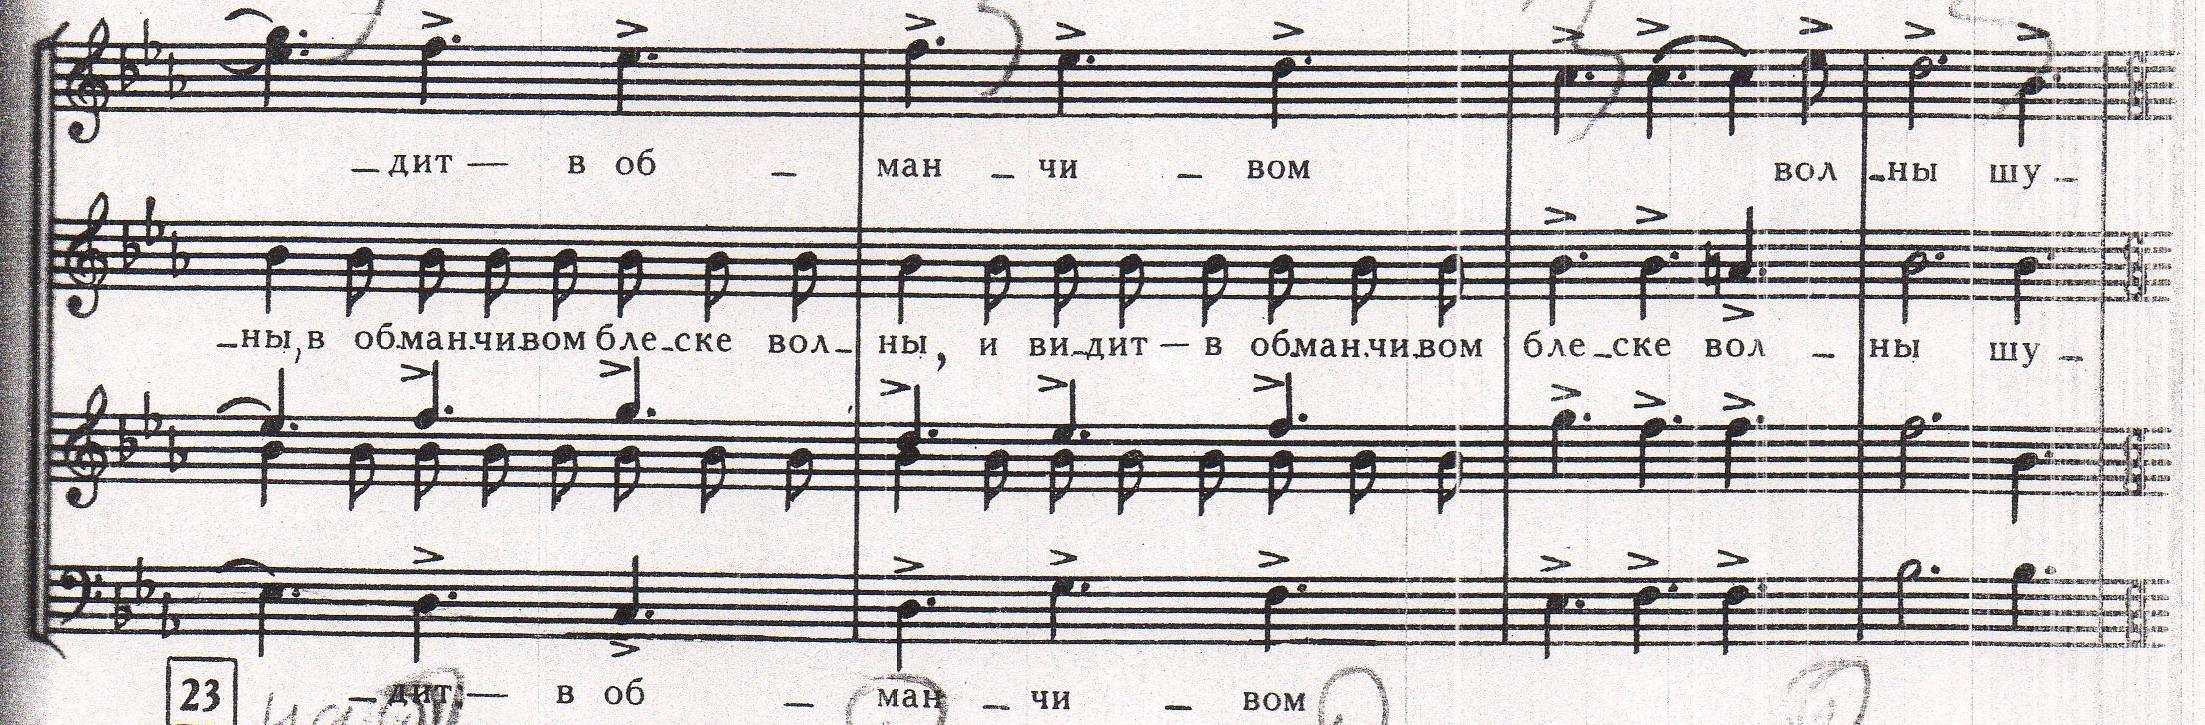 танеев серенада ноты для хора